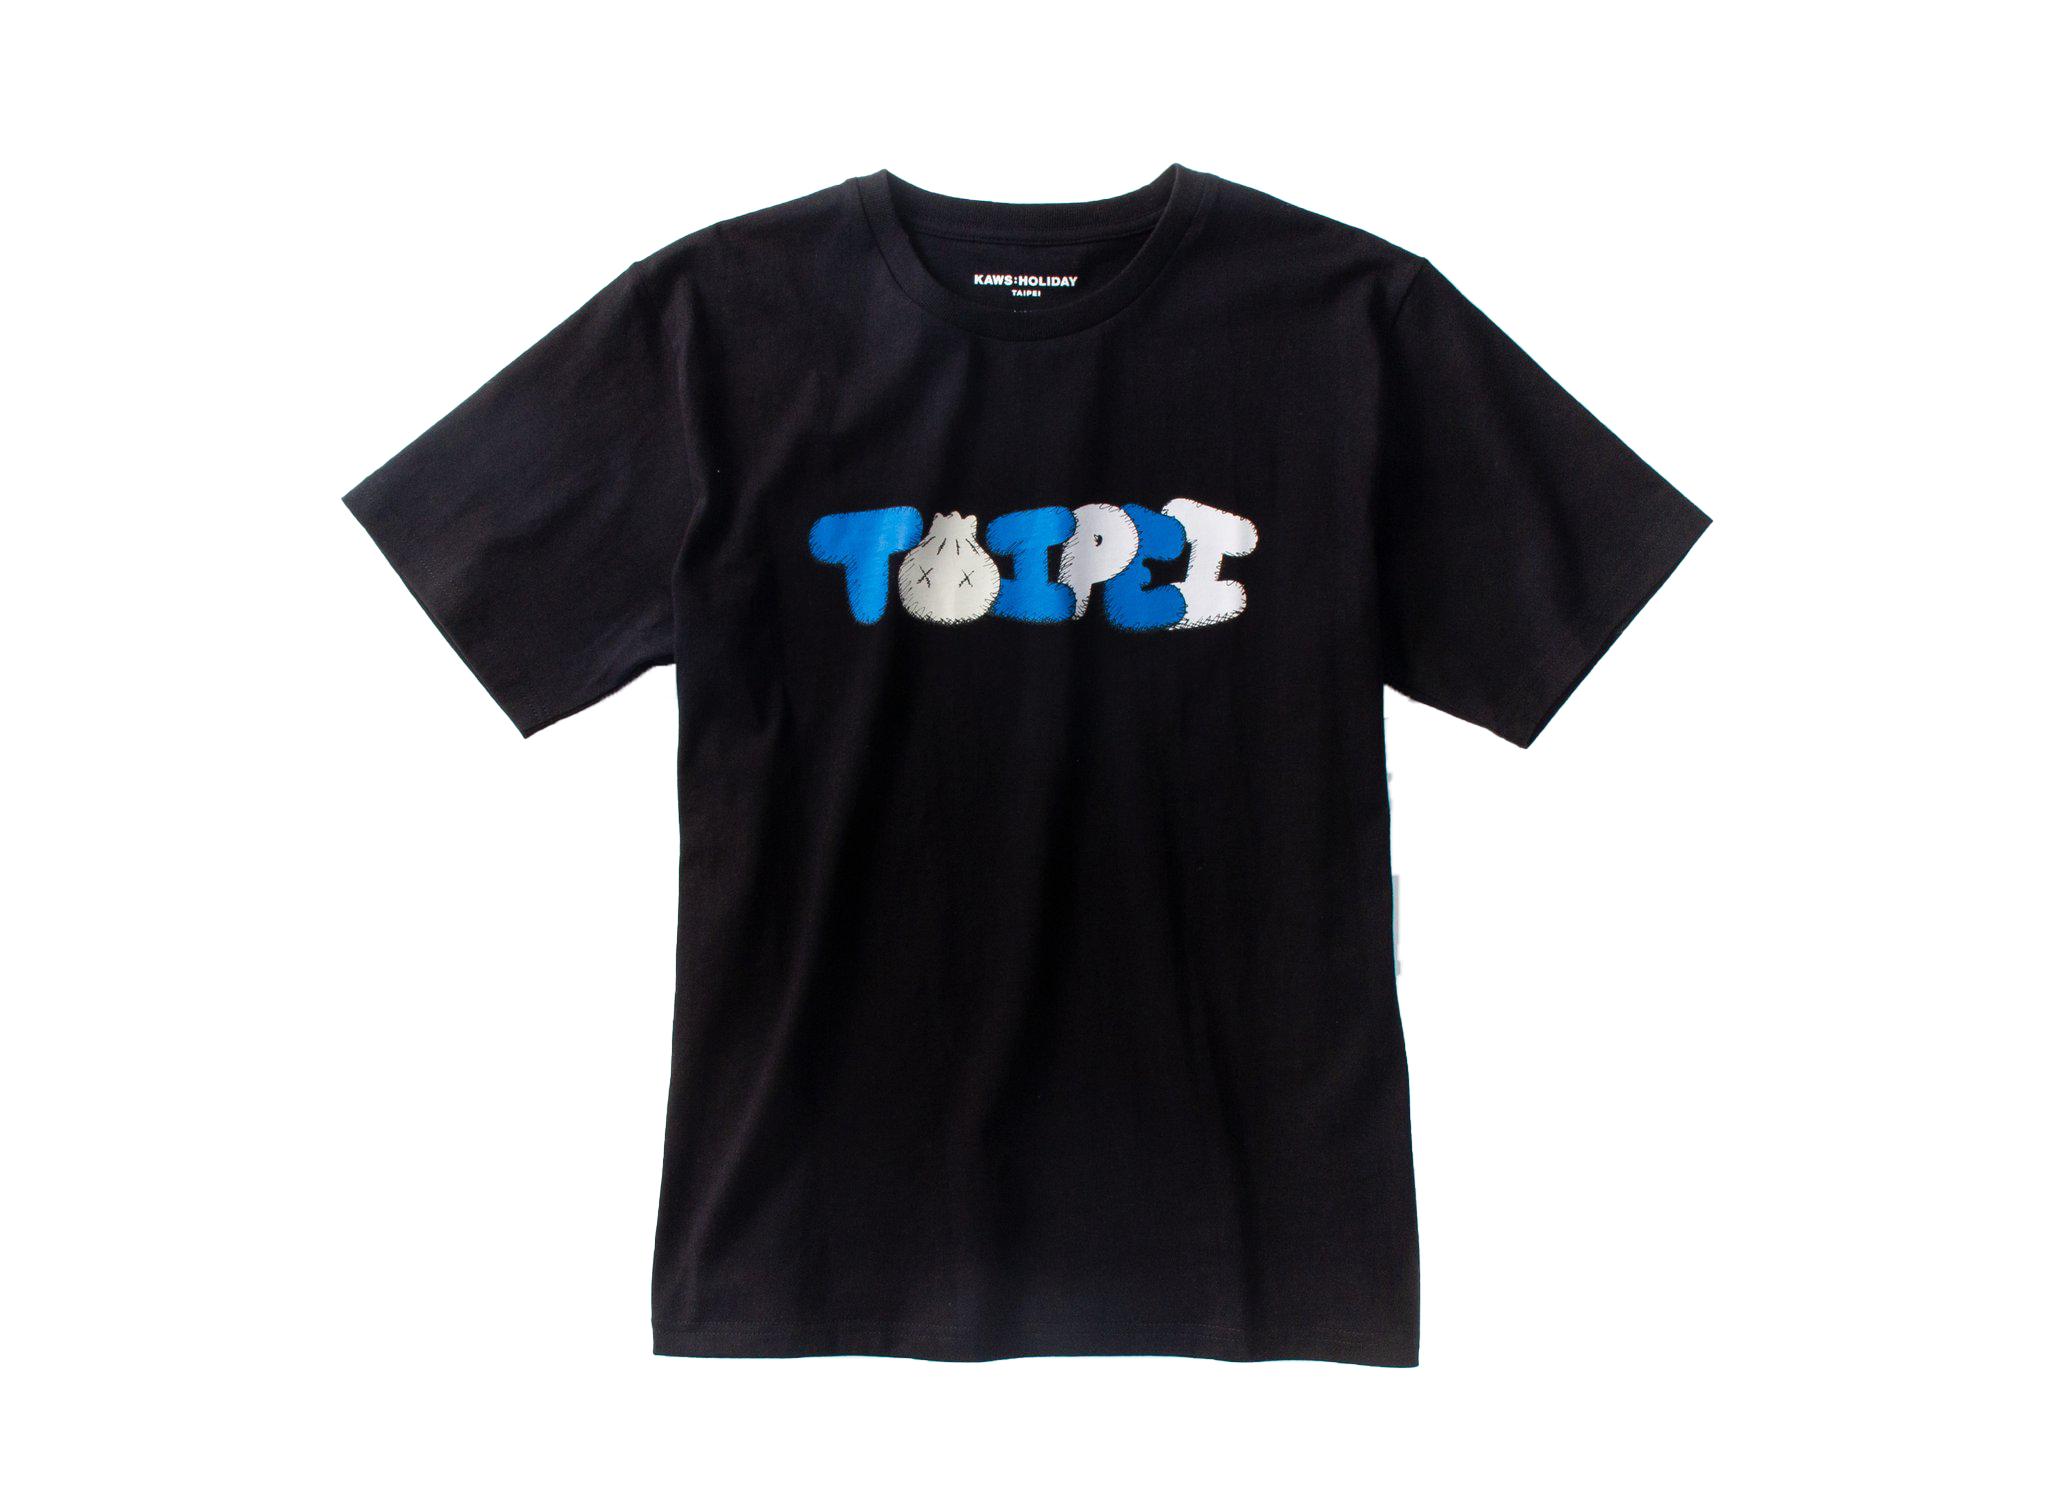 Kaws Holiday Limited Taipei T-Shirt Black